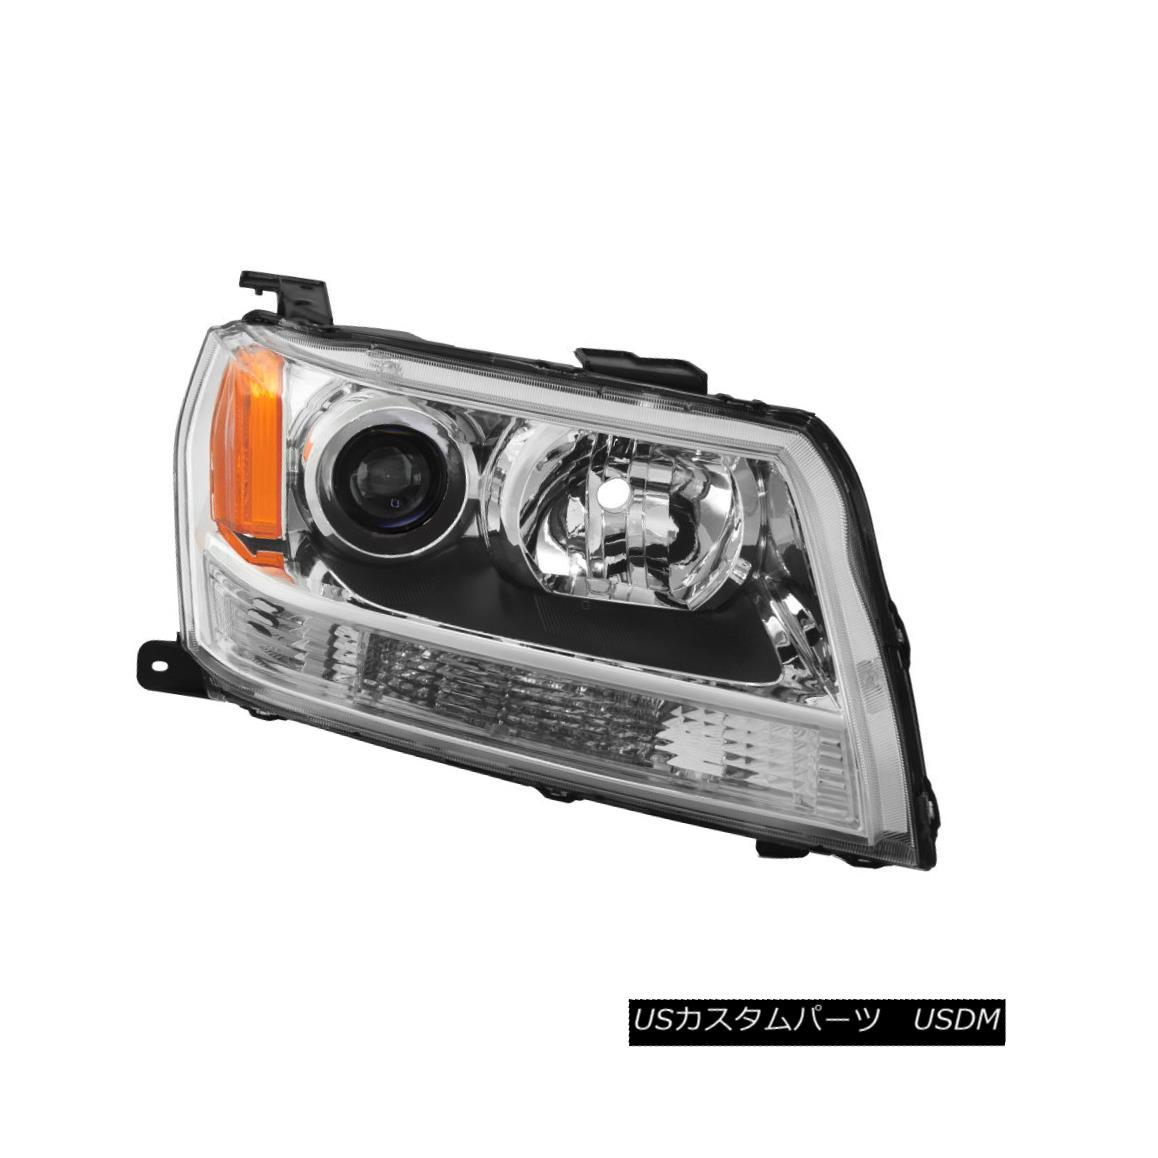 ヘッドライト Suzuki 06-08 Grand Vitara Replacement Headlight Passenger / Right Side Lamp スズキ06-08 Grand Vitaraの交換ヘッドライト乗客/右サイドランプ